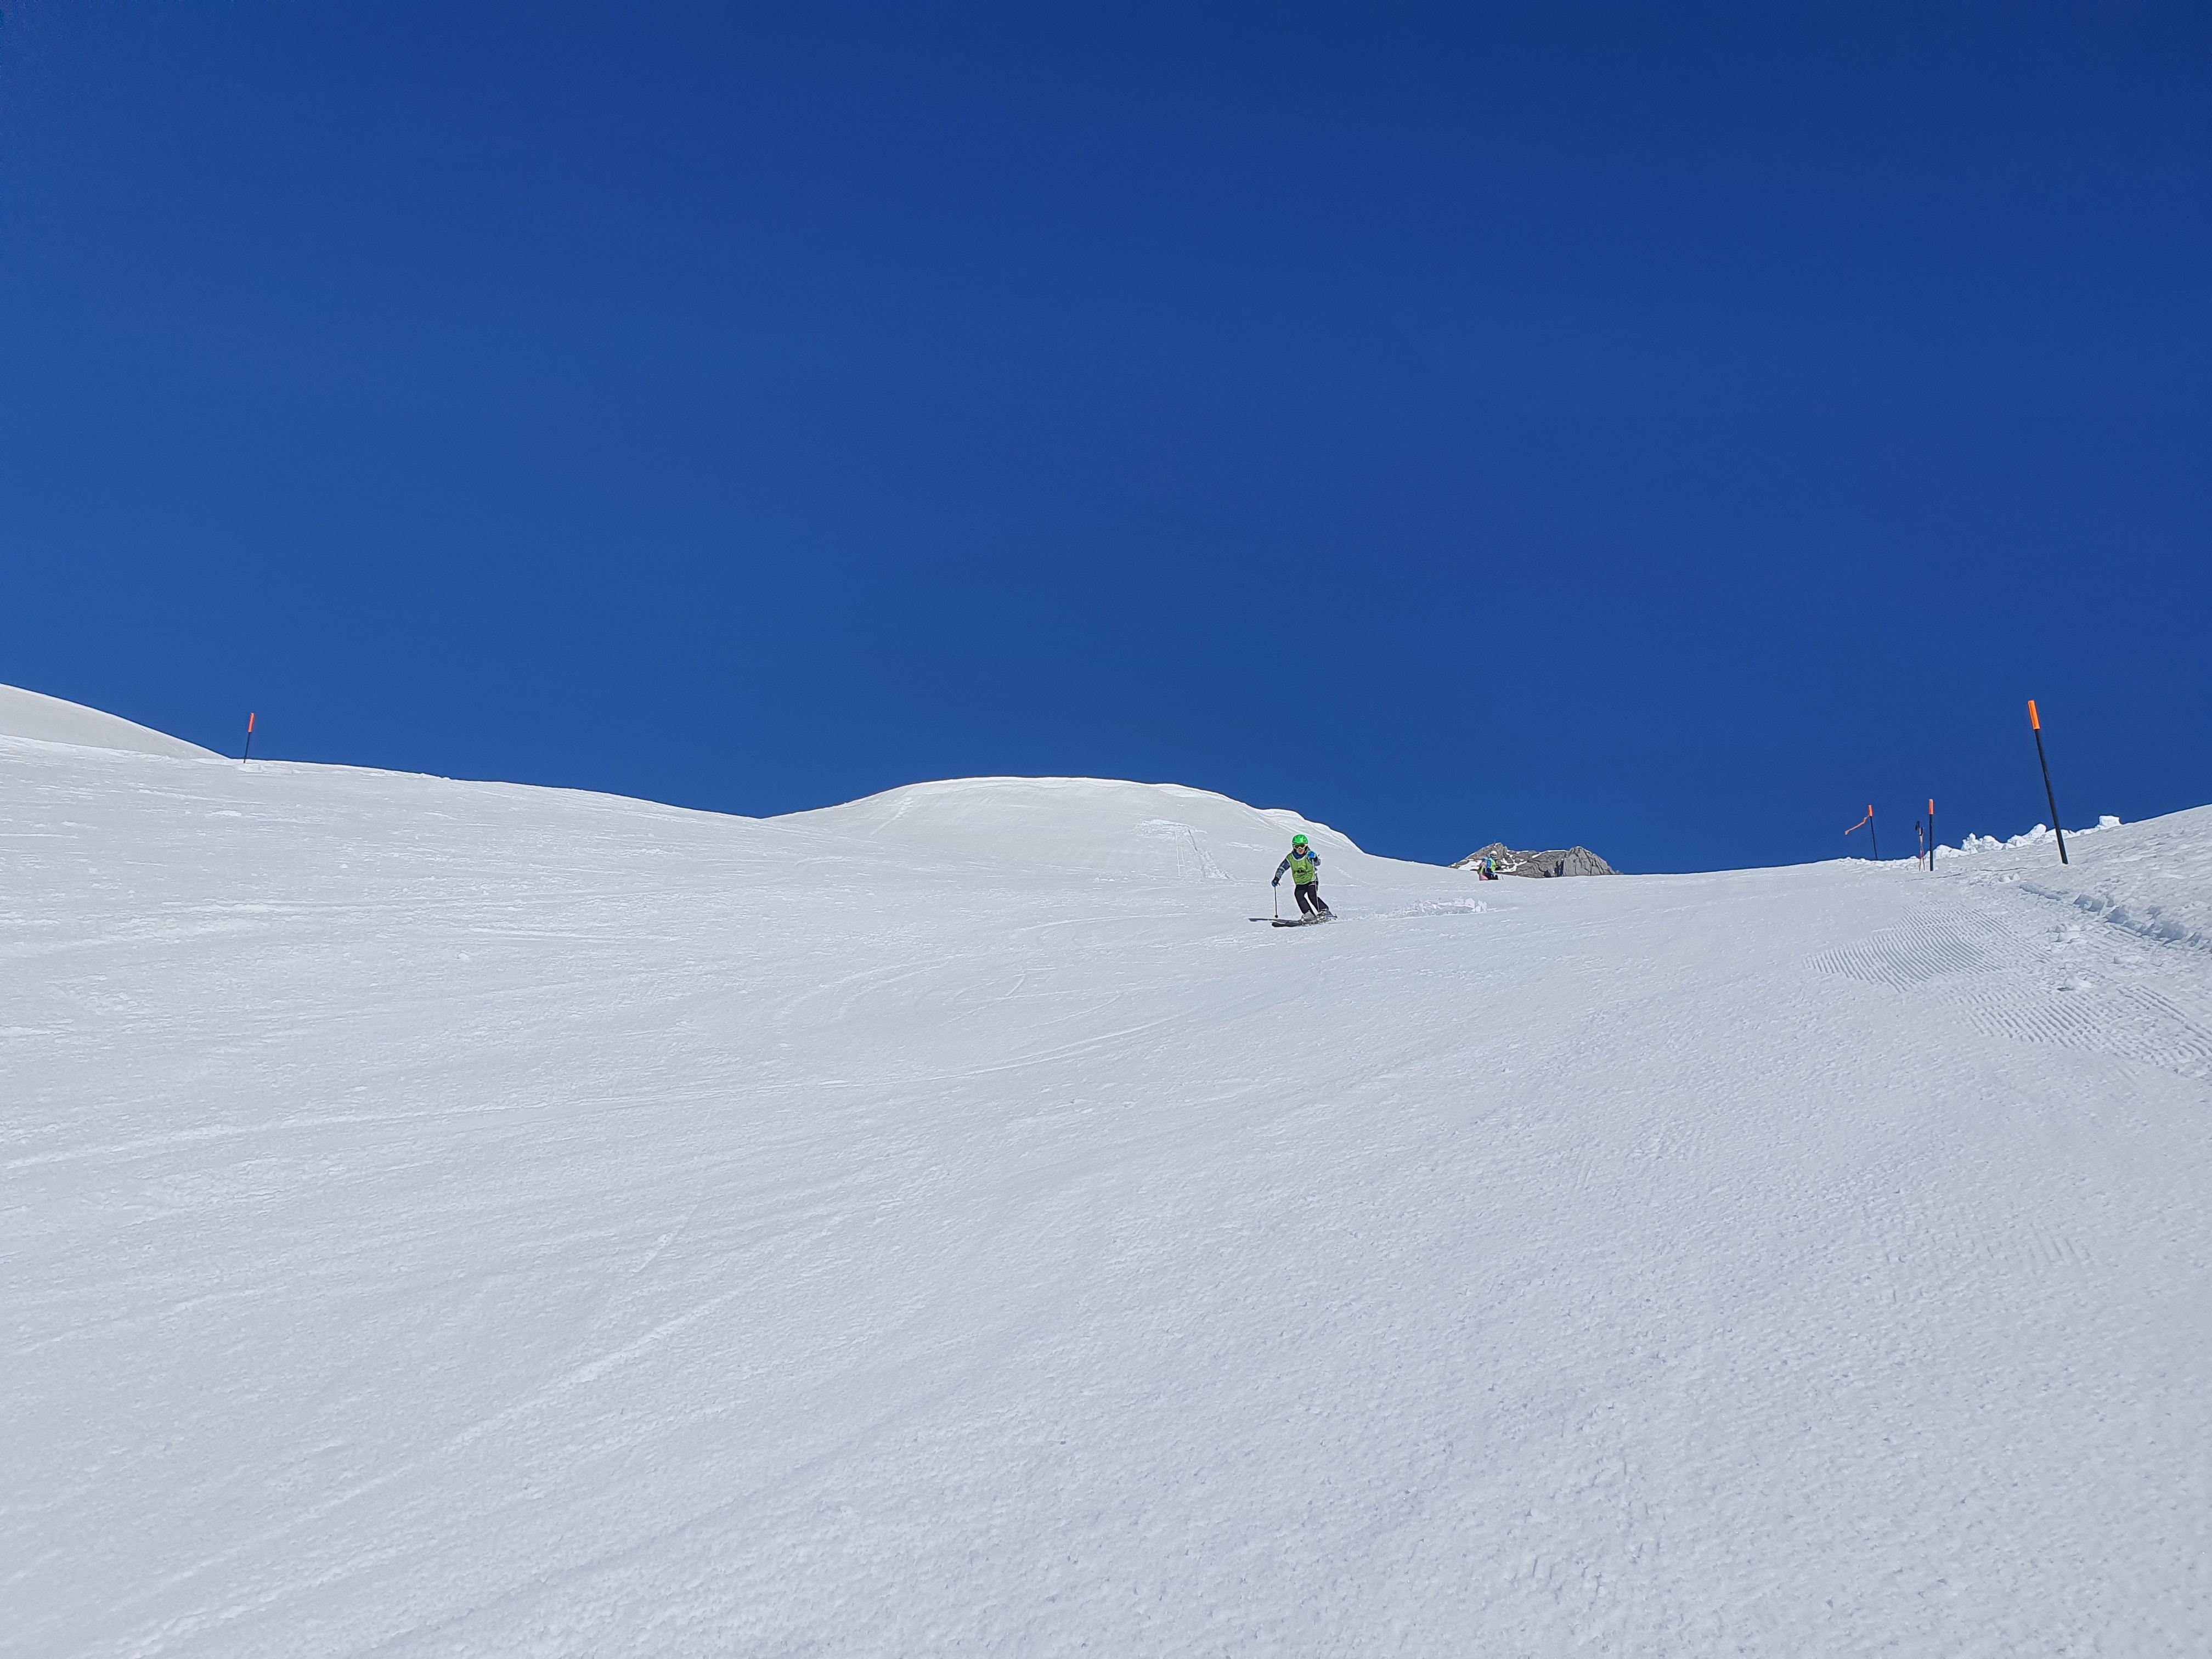 2021.02.28_Schneehasentag 3